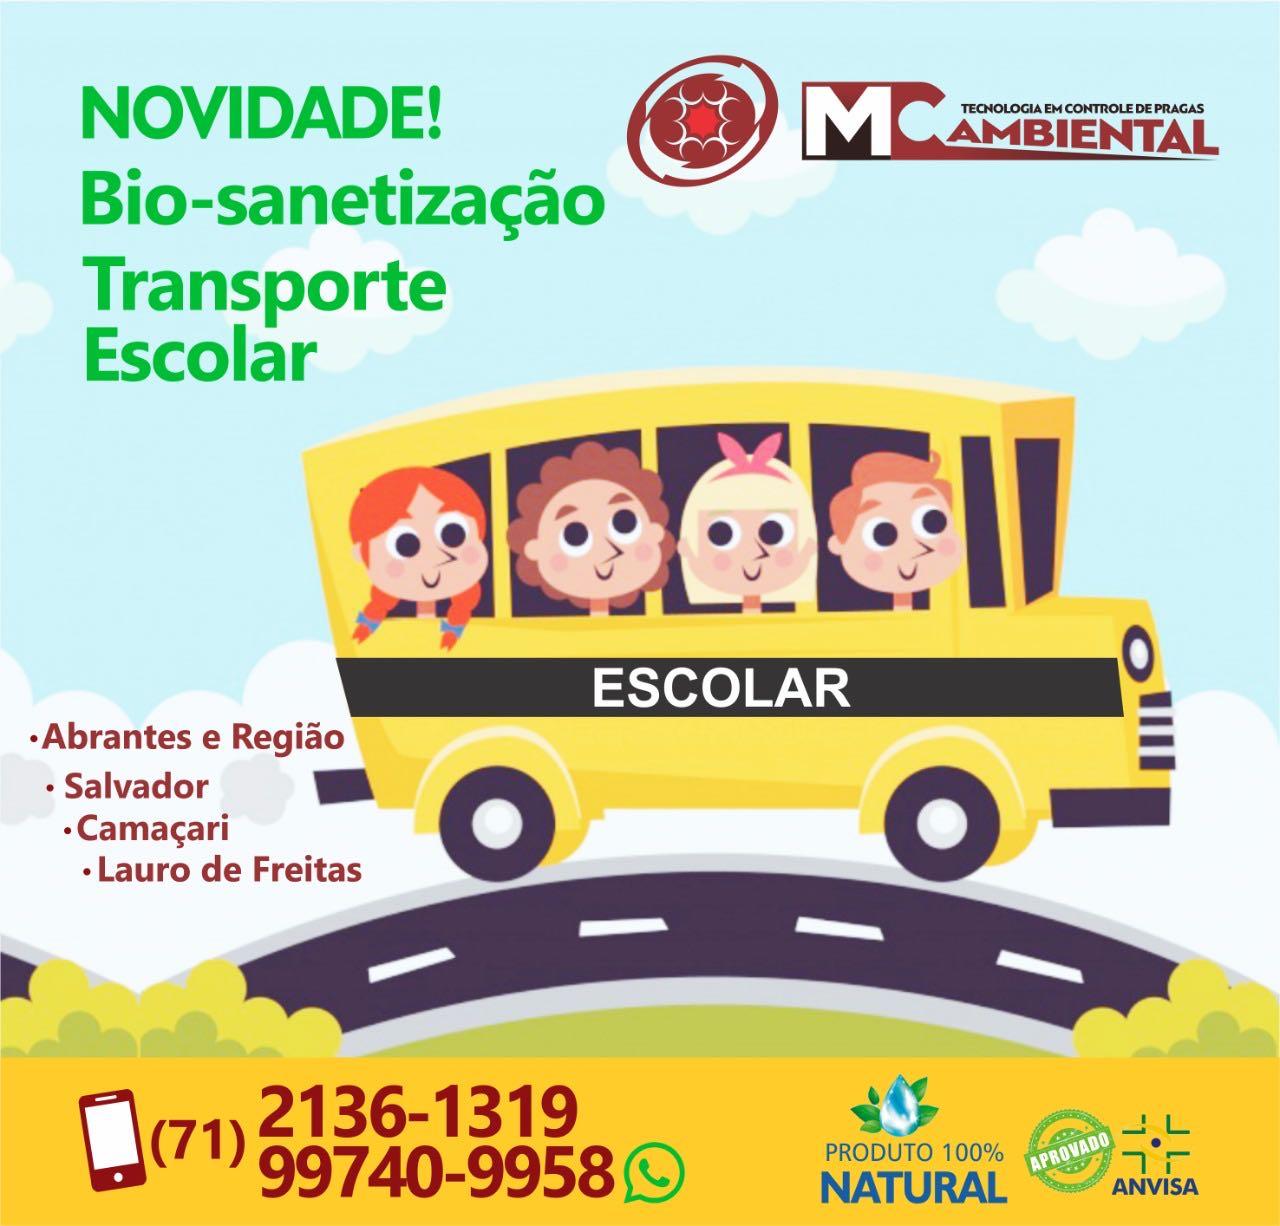 Bio Sanitização - Transporte Escolar